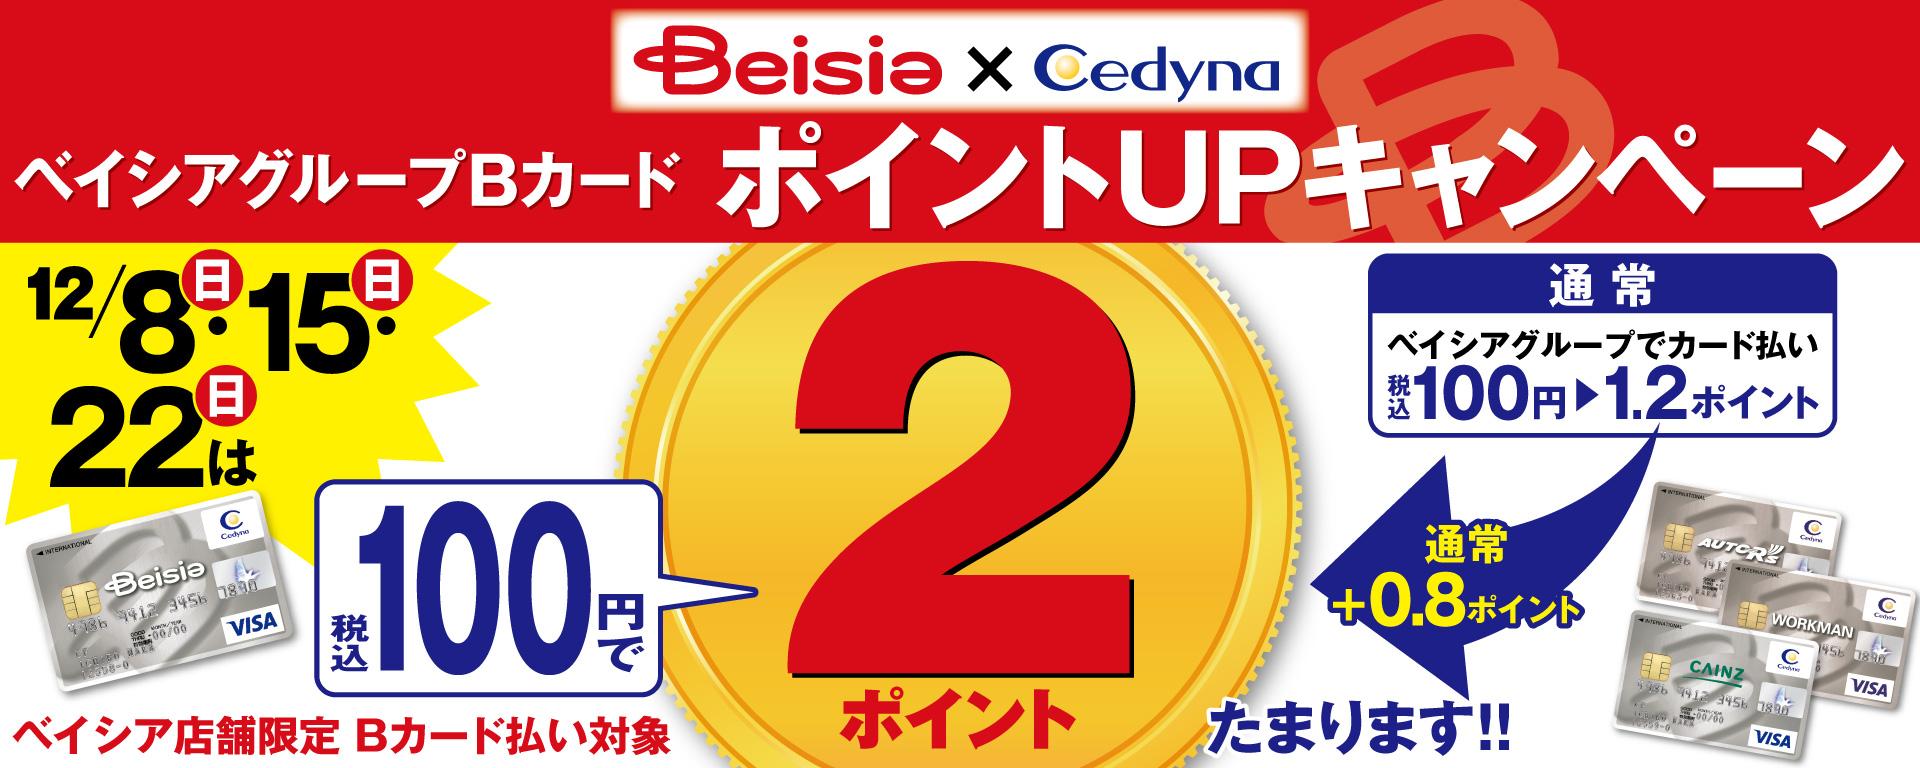 ベイシアグループBカードポイントUPキャンペーン!(※一部店舗を除く)